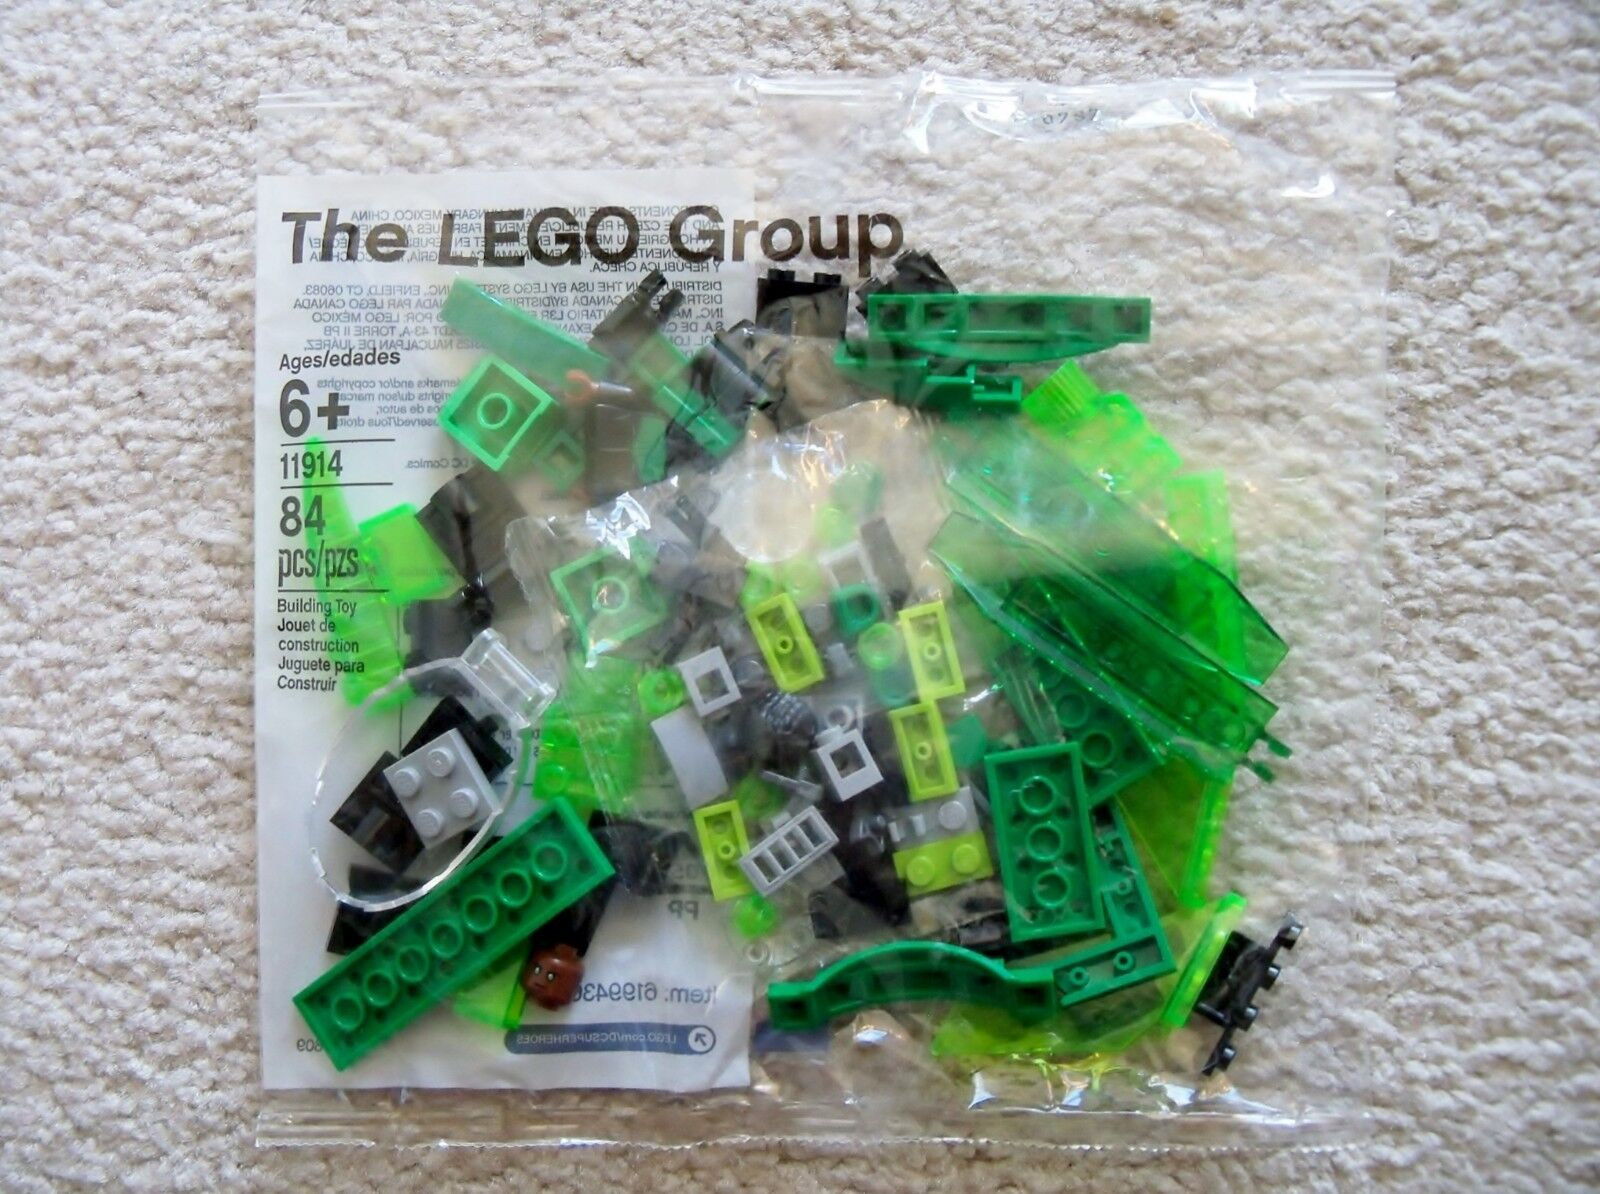 LEGO DC Superheroes - 11914 Green Lantern - John Stewart And Spaceship - Sealed